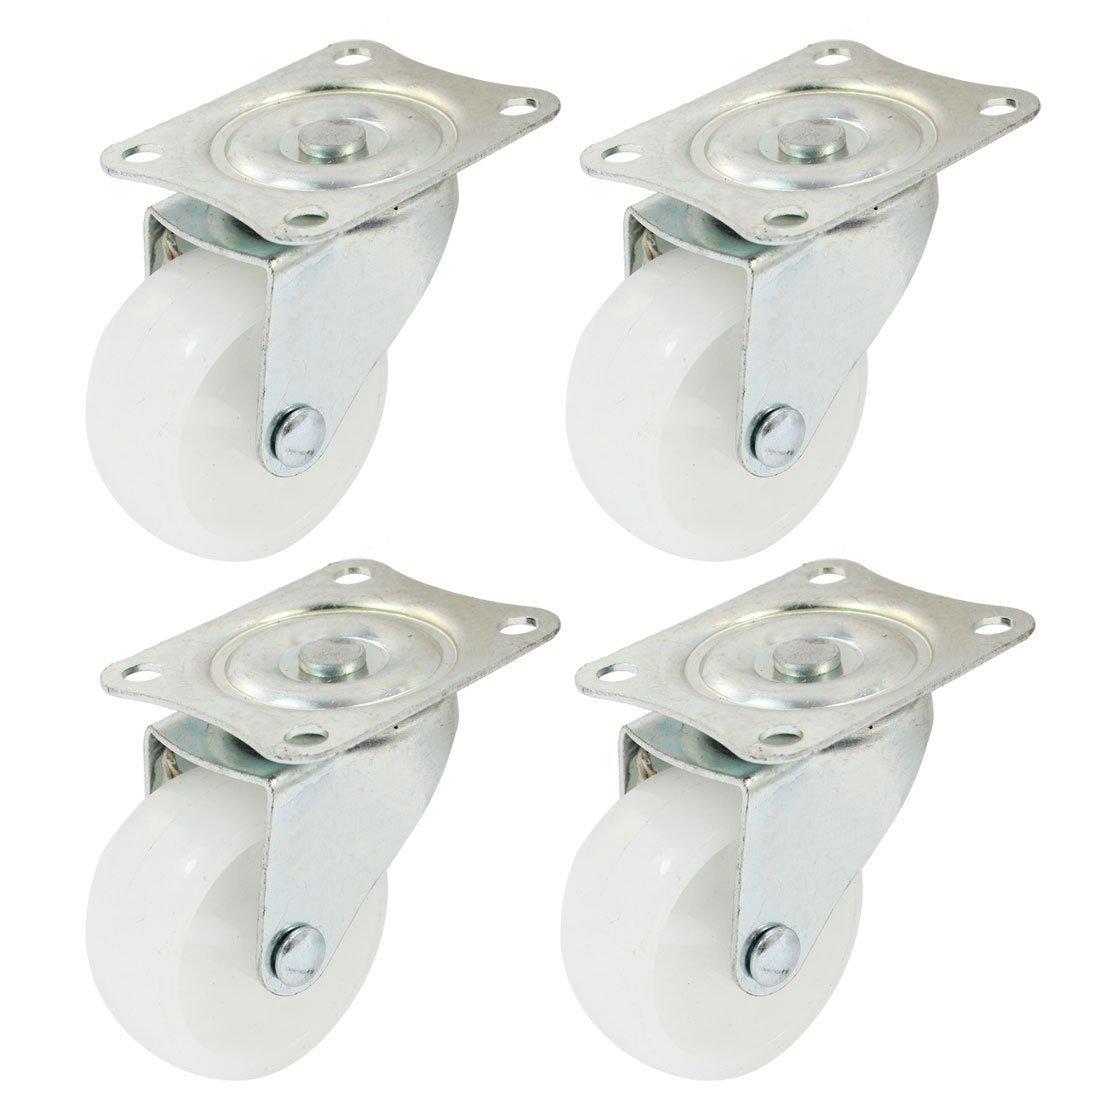 eDealMax a14072300ux0367 giratoria de la rueda de carrito de la compra Ronda 2 pulgadas de 360 ° de rotación giratoria DE 4 piezas: Amazon.com: Industrial & ...